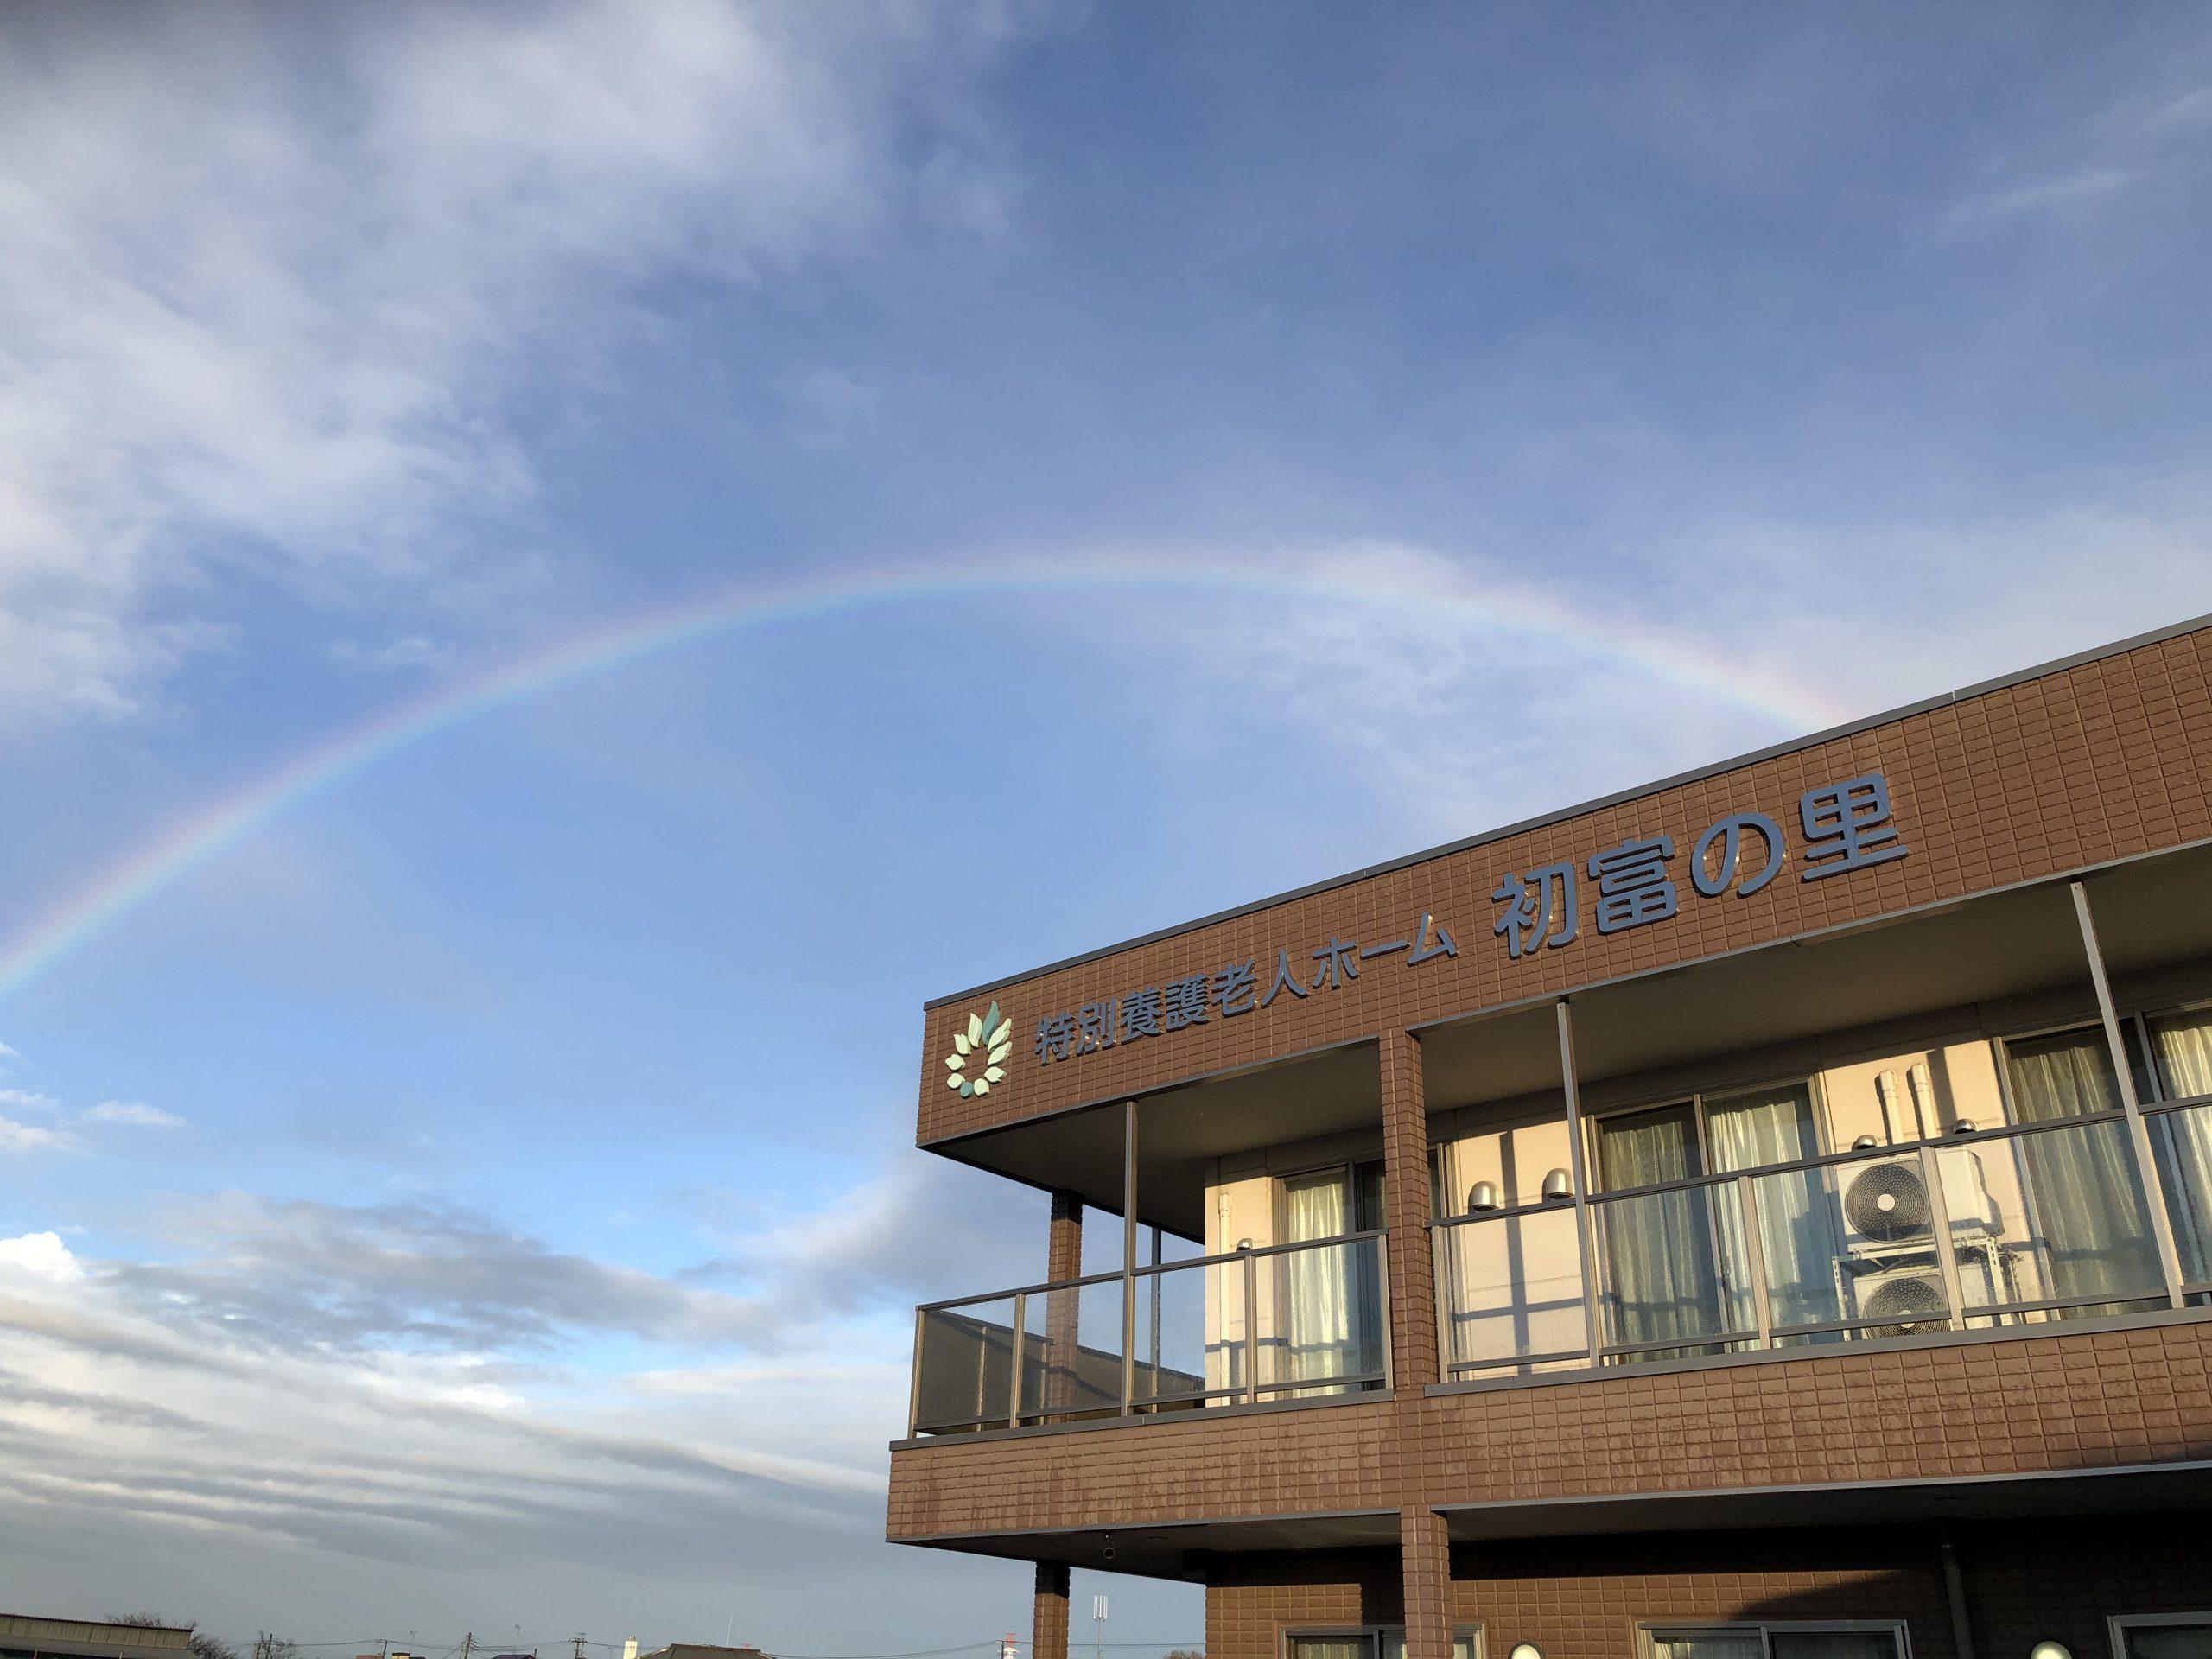 2月15日 晴れ間に虹がかかりました!